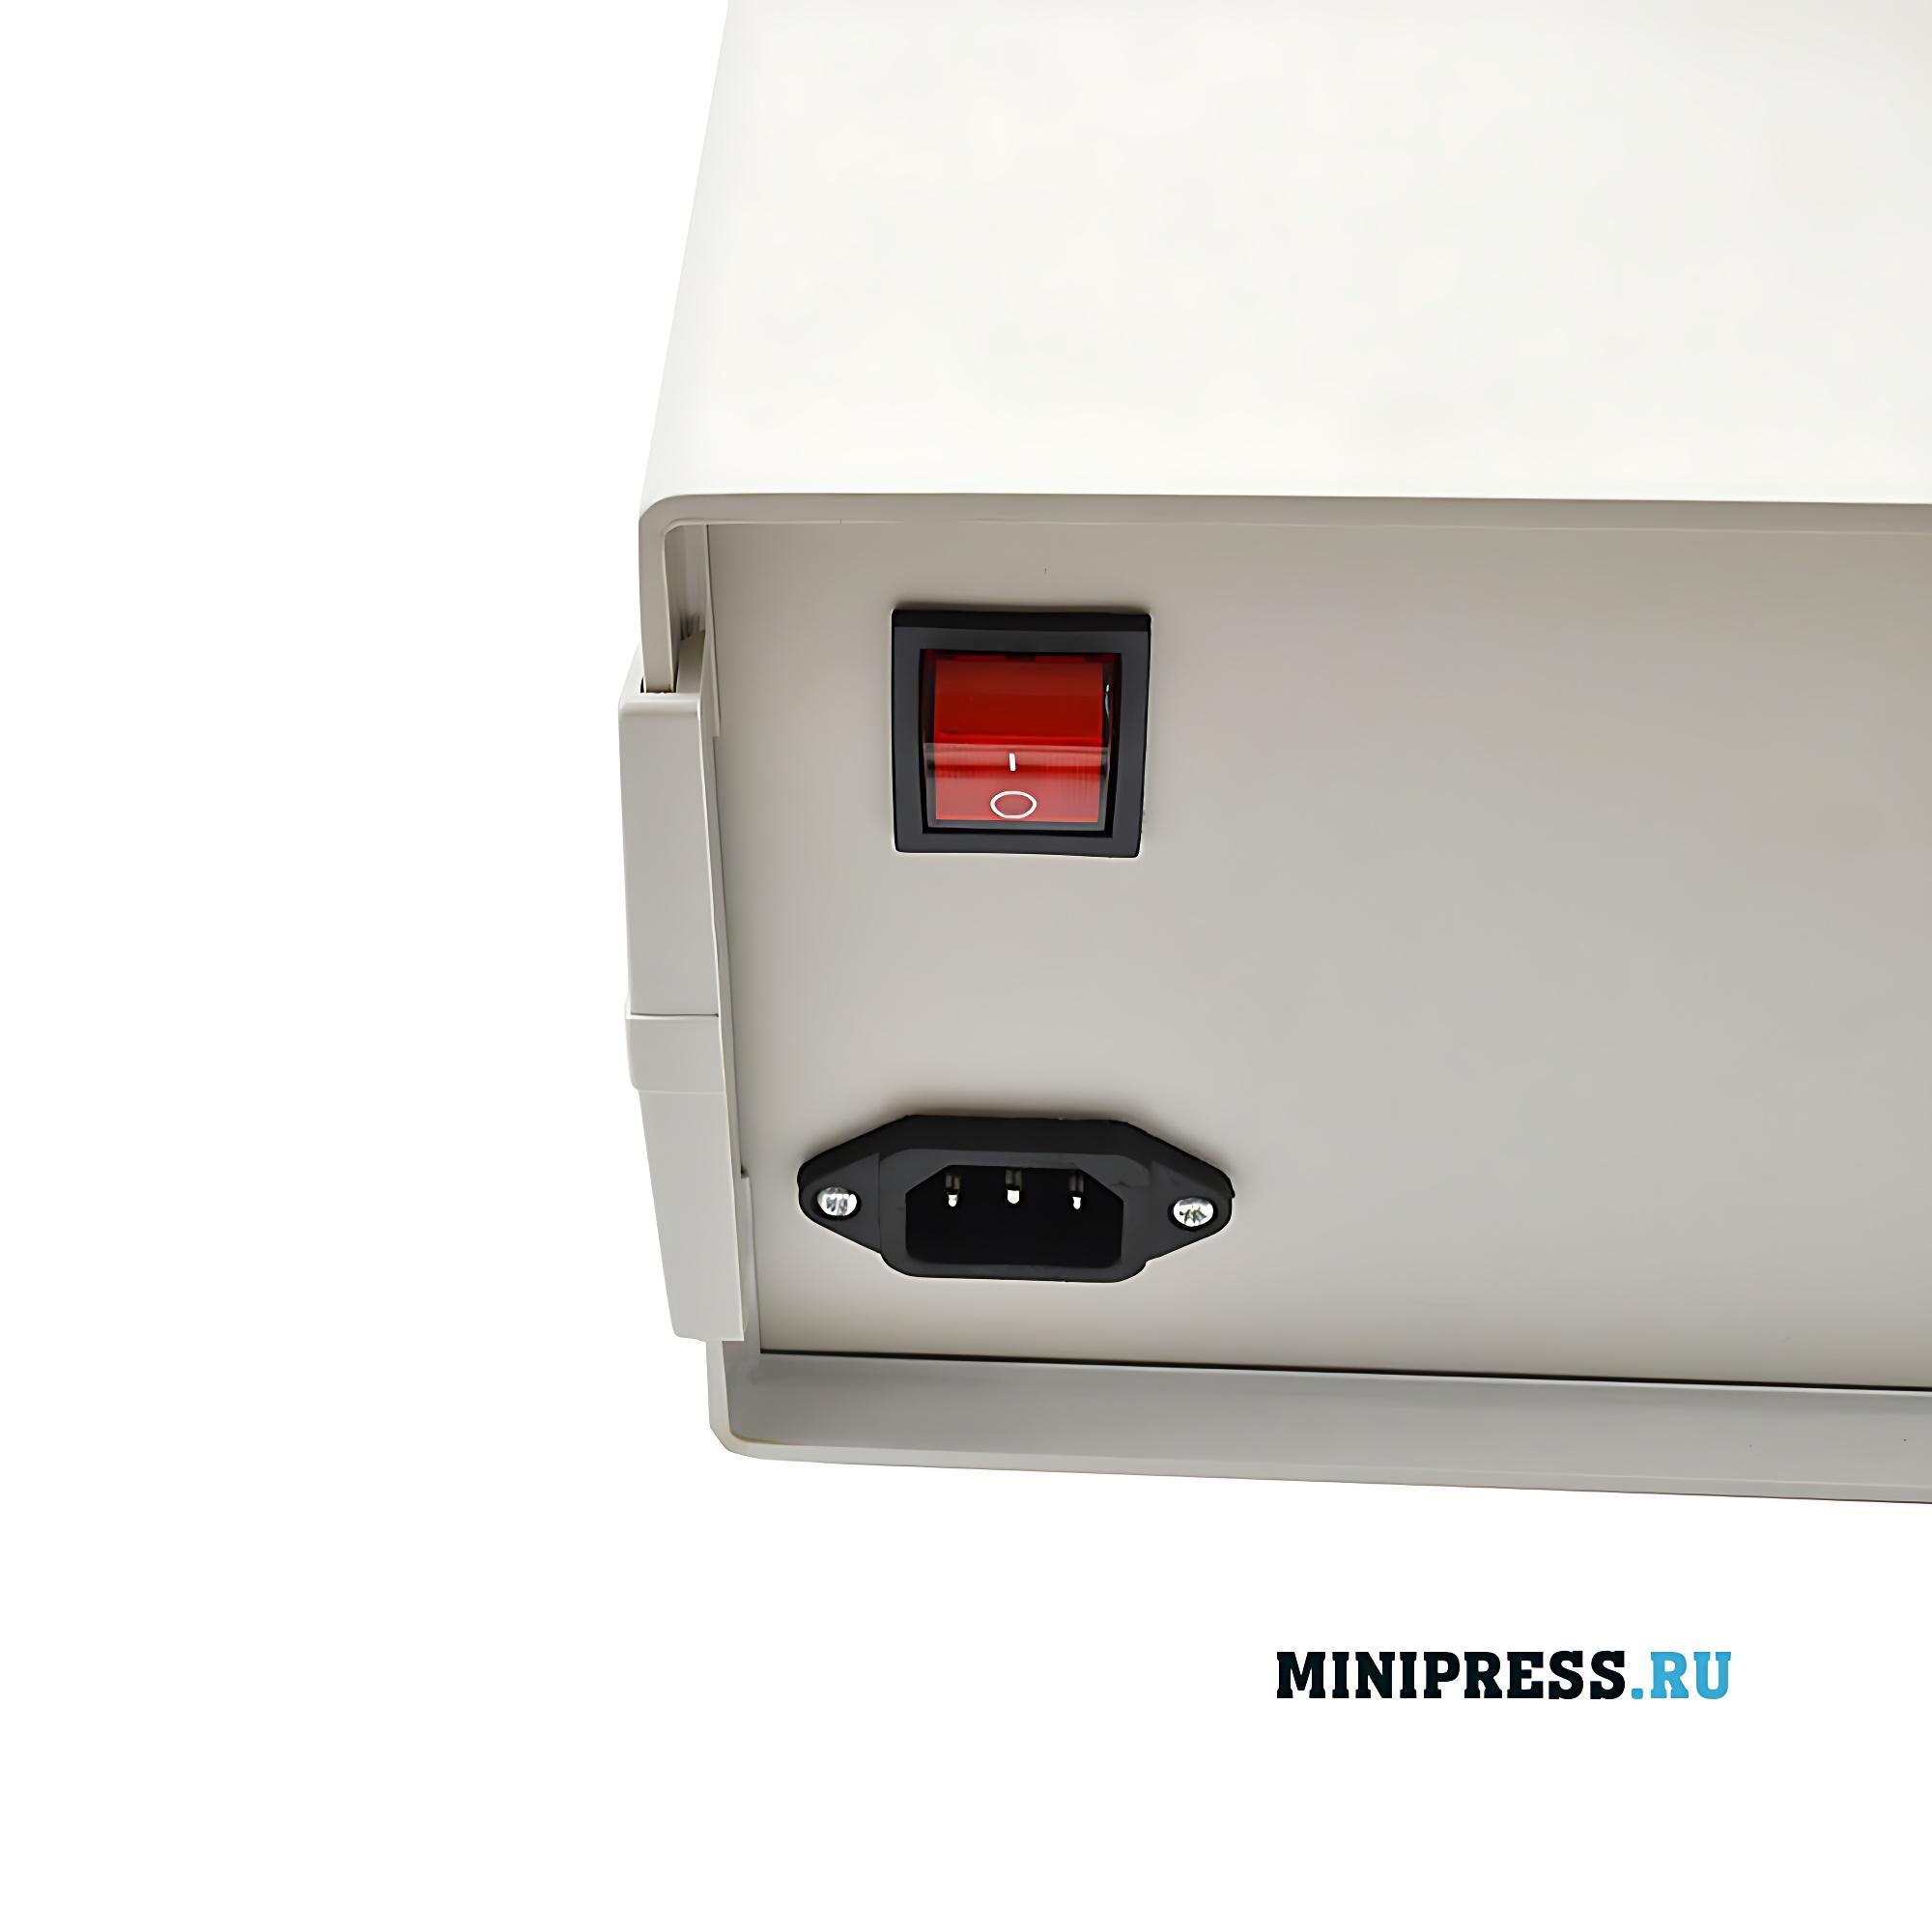 Настольное оборудование для приварки мембраны к горловине пластиковой бутылки